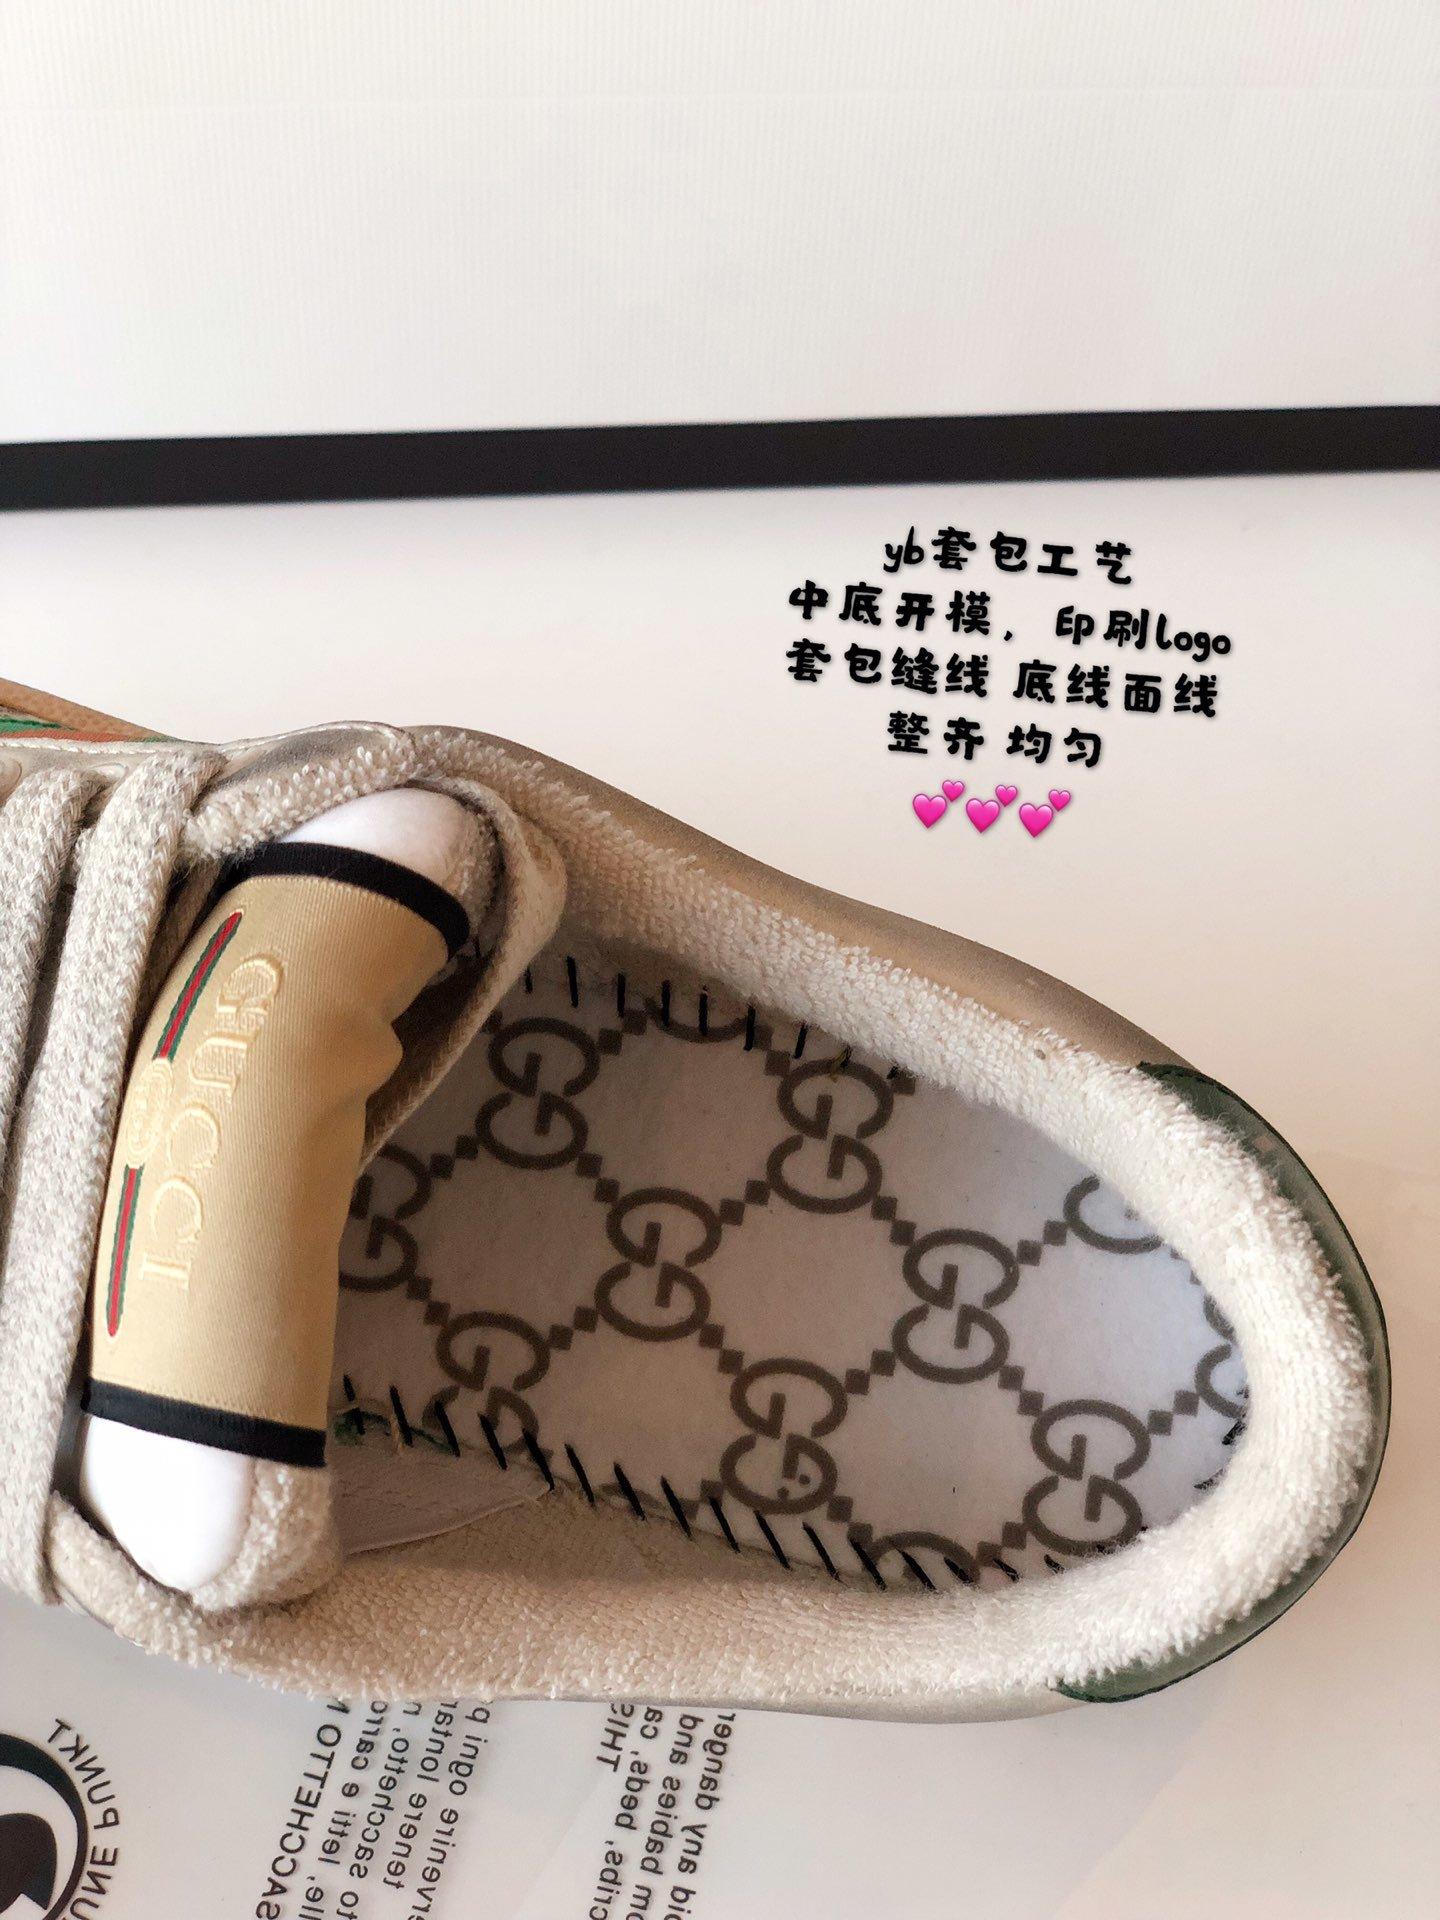 Gucci/Screener系列运动鞋代购版本 古琦系列做旧小脏鞋(图11)